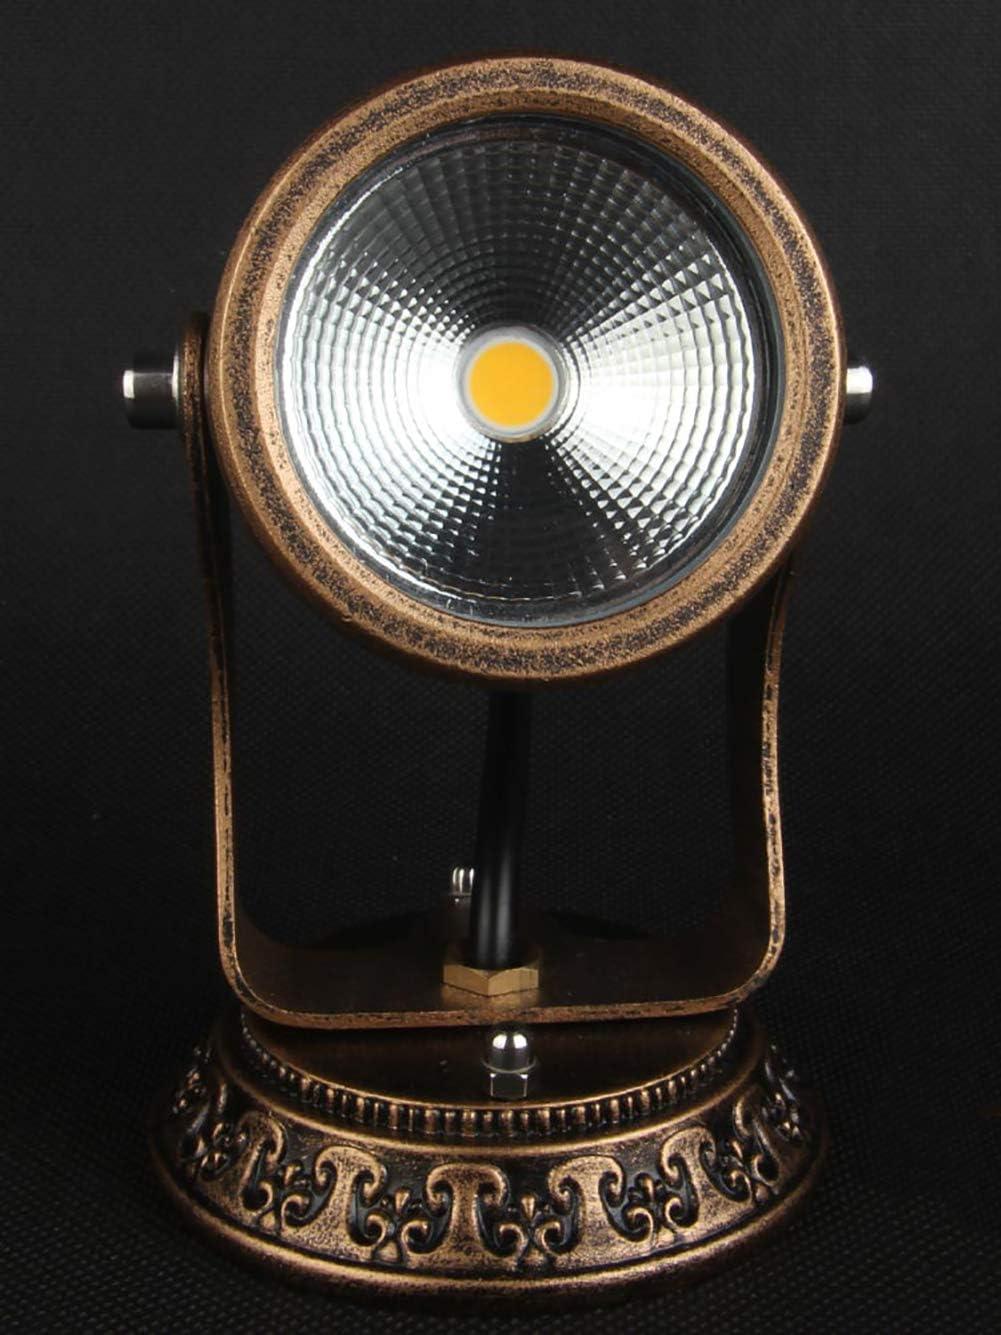 Deckenstrahler Wand-Lampe Badlampe Decken-Spot Metall Wand-Spot Deckenfluter Retro LED Wandleuchte Vintage LED-Spot Wandlampe Dreh- /& Schwenkbar IP54, 3 W Decken-Lampe